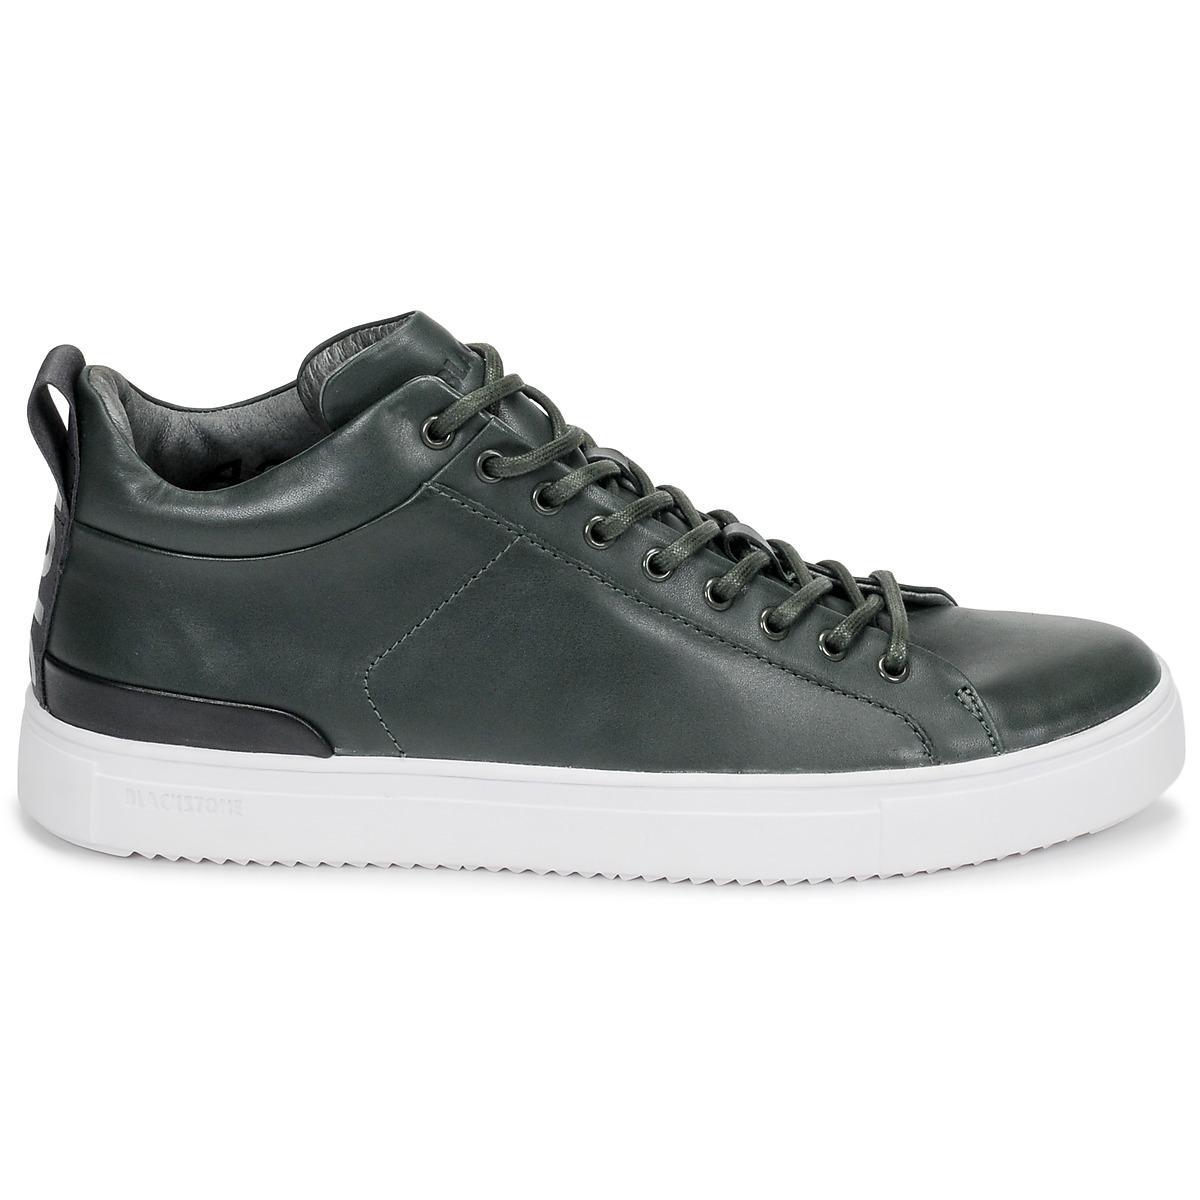 SG29 Chaussures Blackstone pour homme en coloris Vert